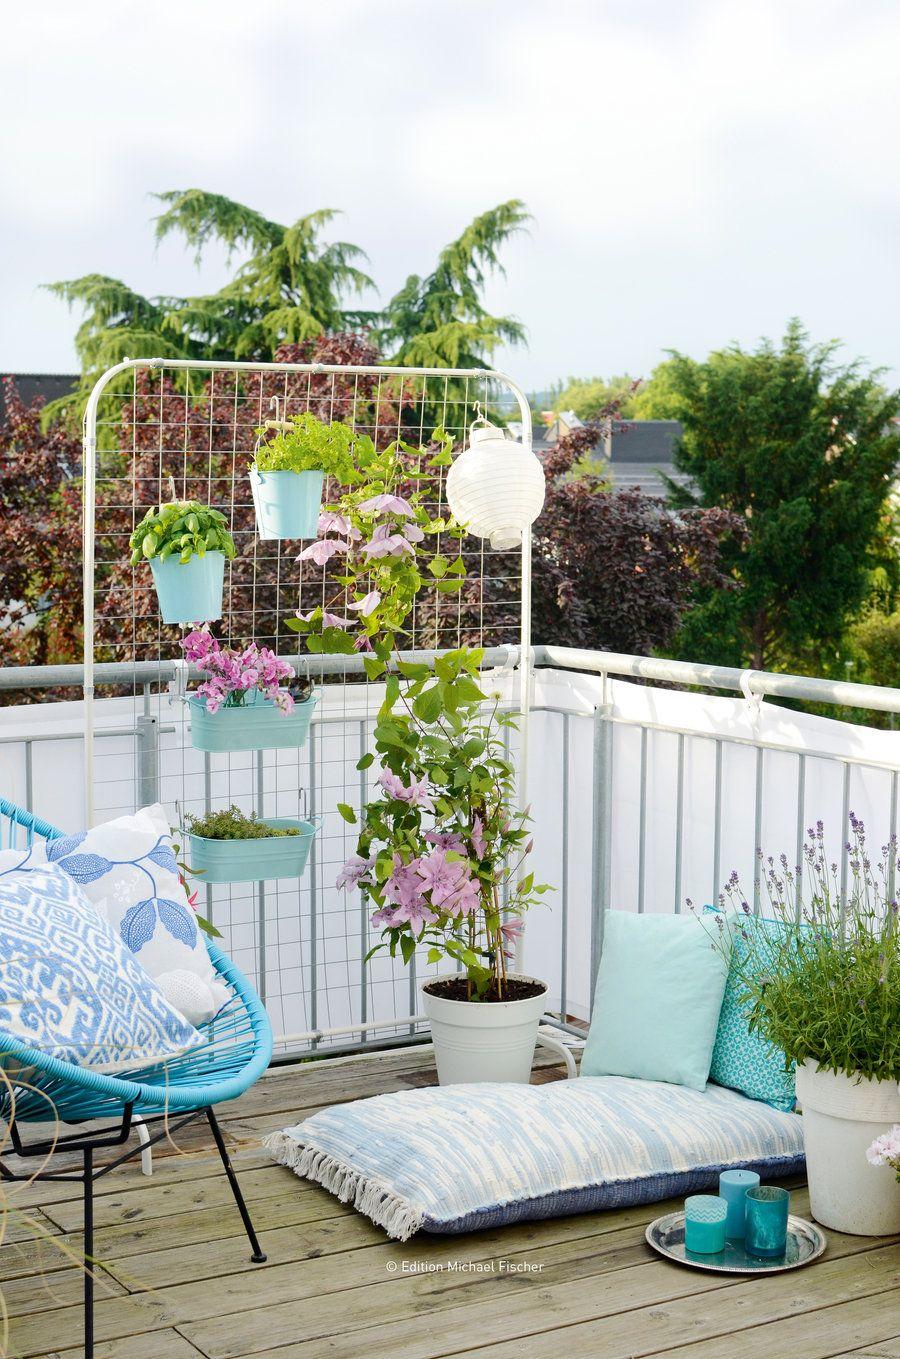 Full Size of Küche Kaufen Ikea Kosten Betten Bei Garten Paravent Sofa Mit Schlaffunktion Modulküche 160x200 Miniküche Wohnzimmer Paravent Balkon Ikea